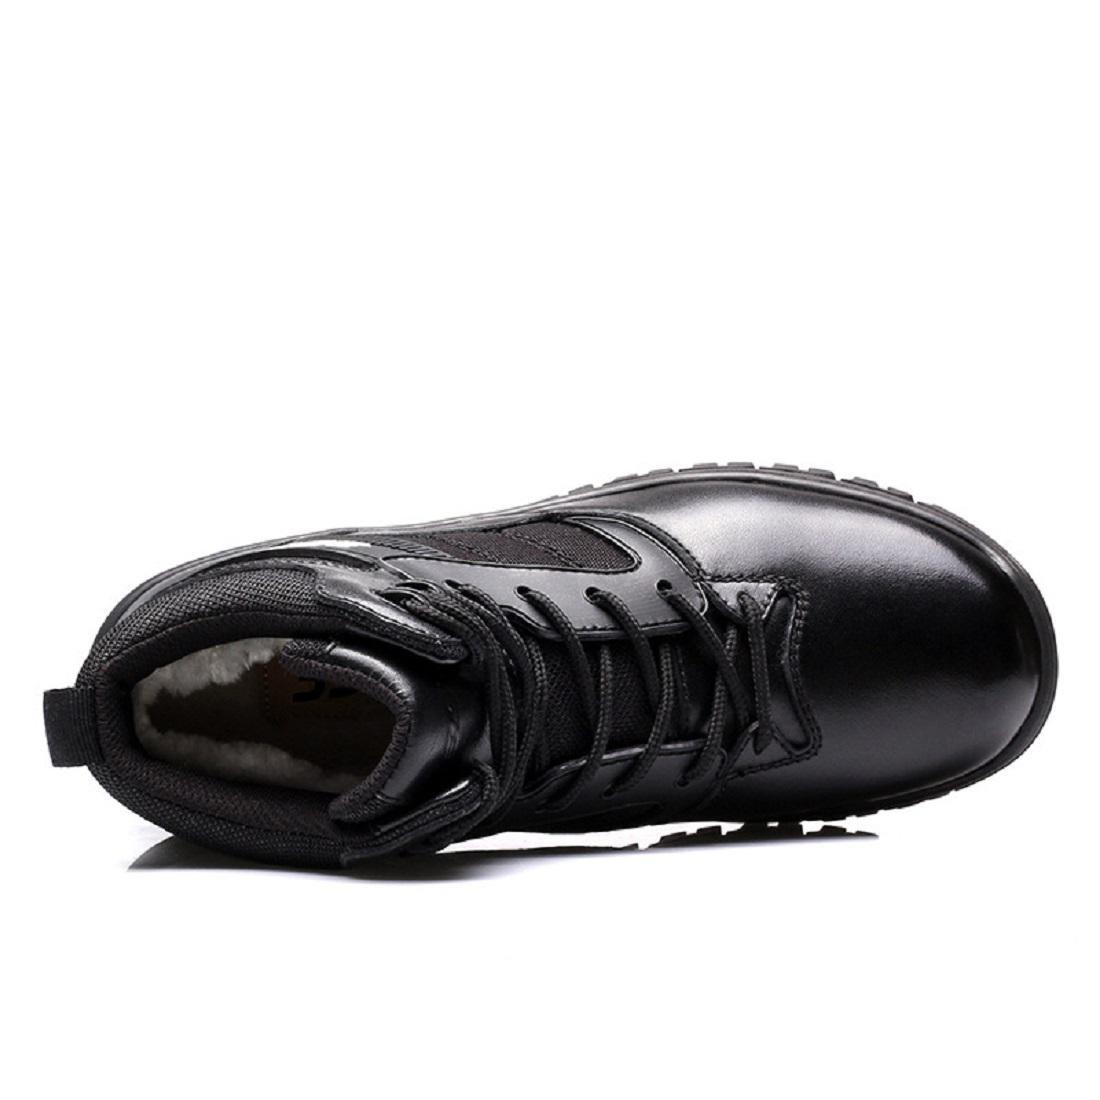 Herren Warm halten Martin Stiefel Winter Plus Kaschmir Schneestiefel Lederschuhe Rutschfest Schuhe erhöhen Stiefel Draussen Lederschuhe Schneestiefel EUR GRÖSSE 38-44 eb56d2